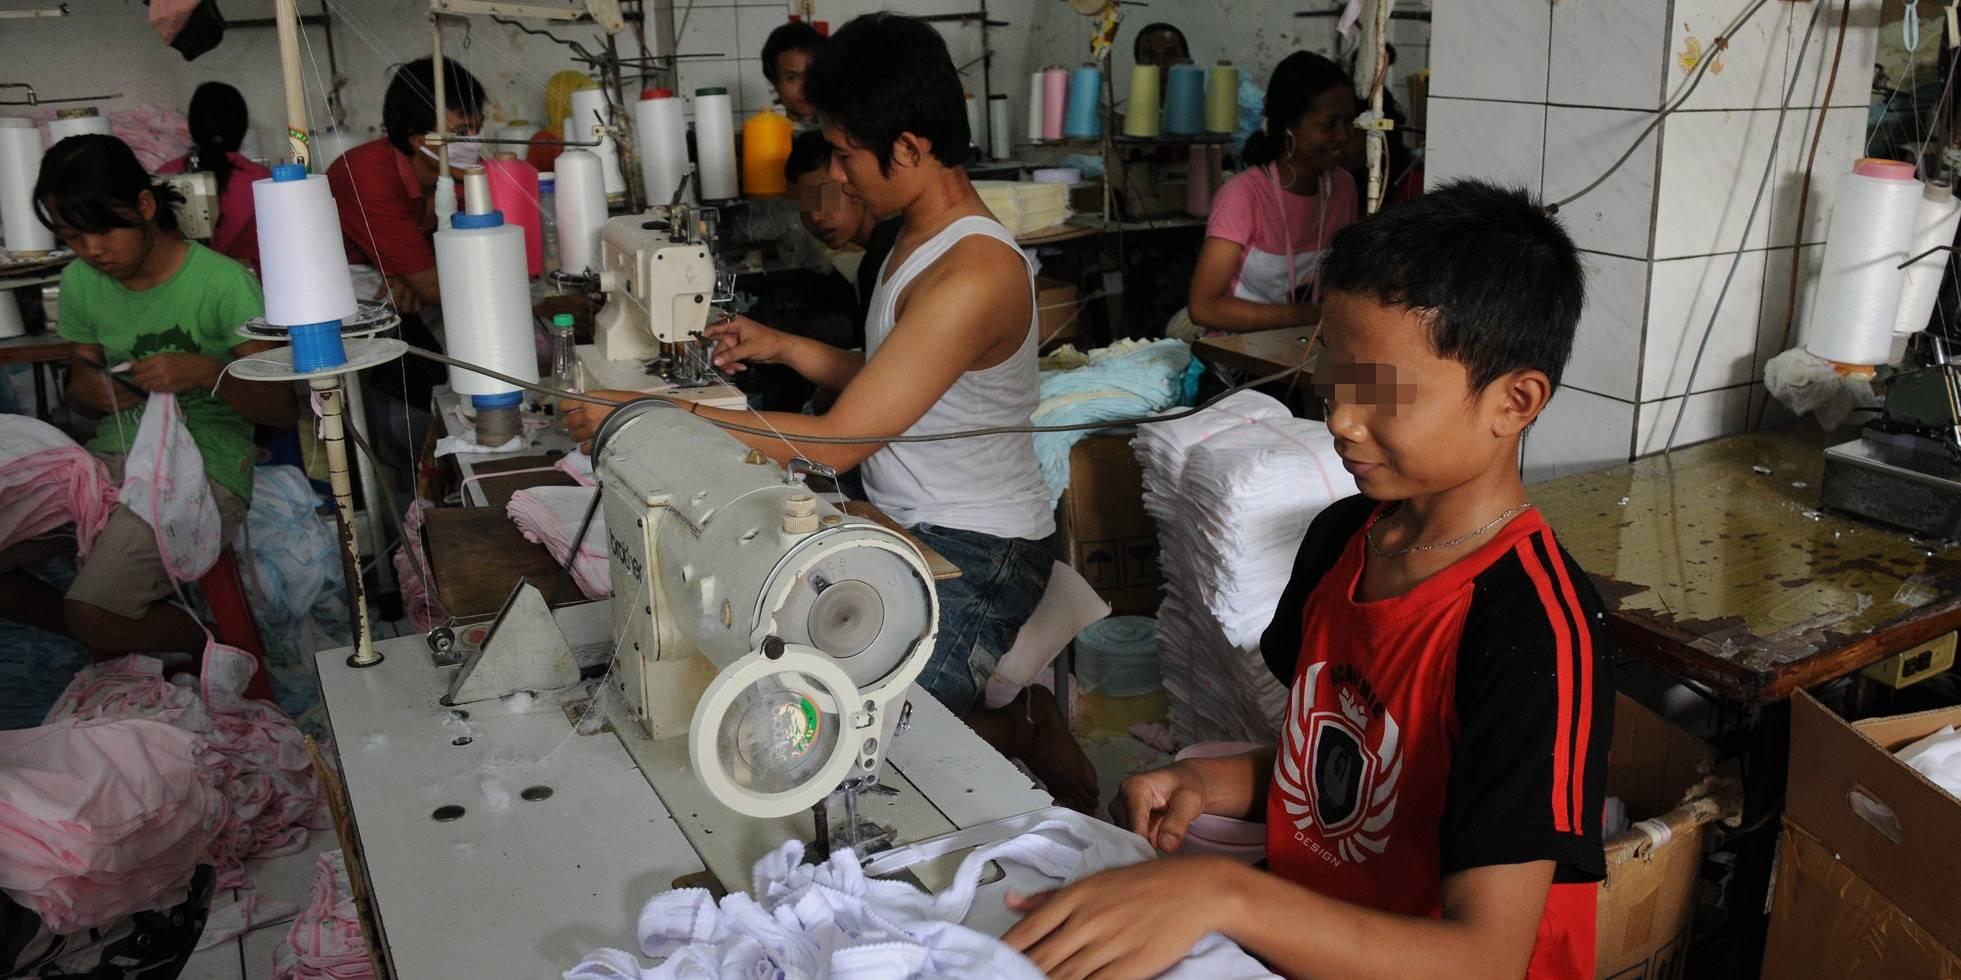 Verdensdagen imod børnearbejde